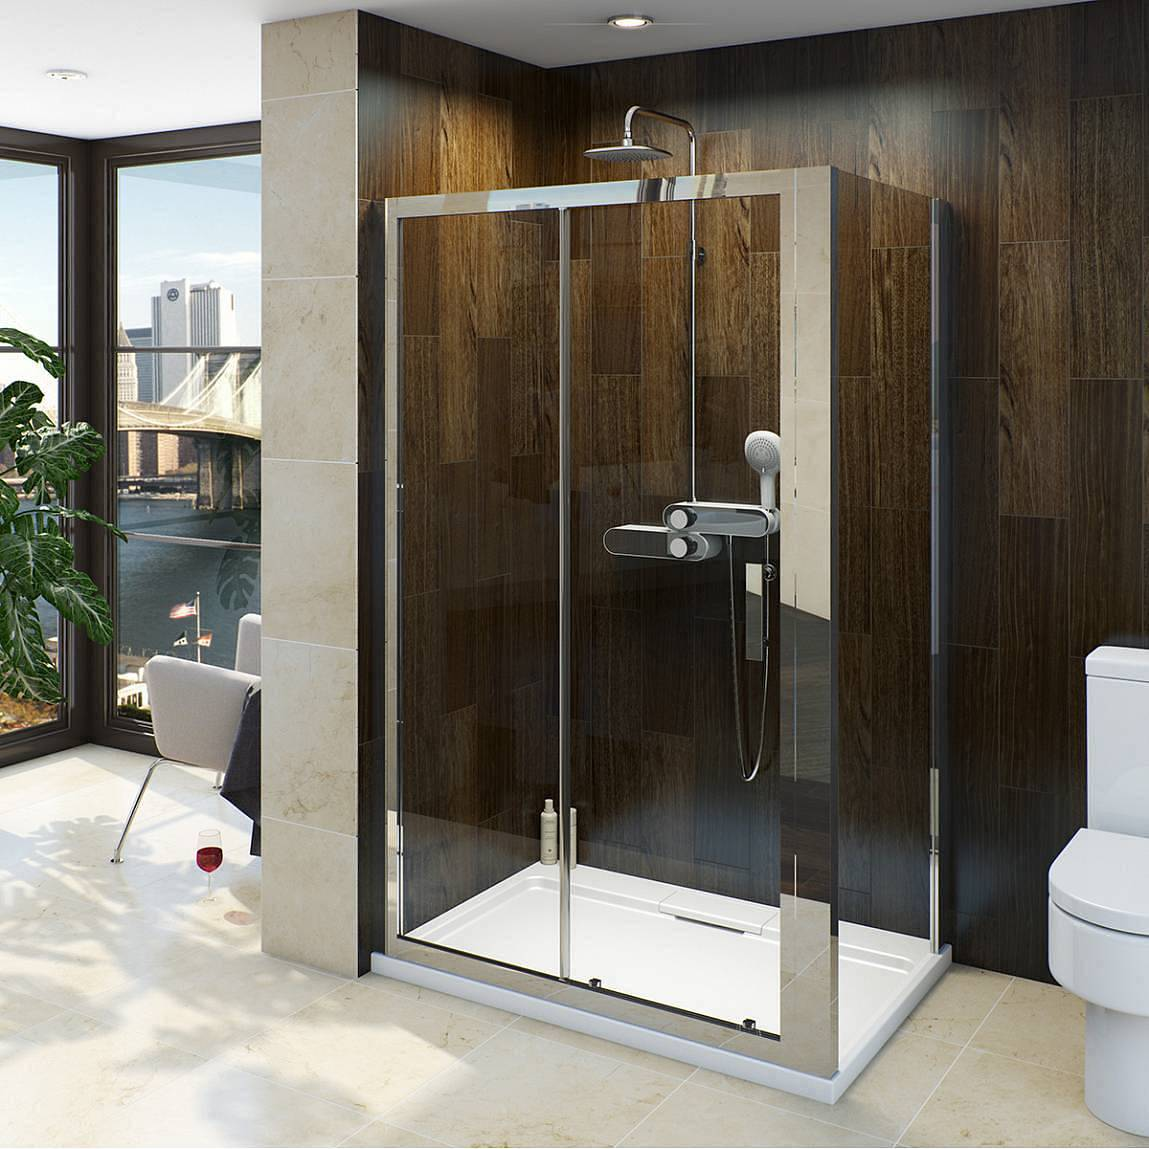 Image of V8 Framed Sliding Shower Enclosure 1400 x 900